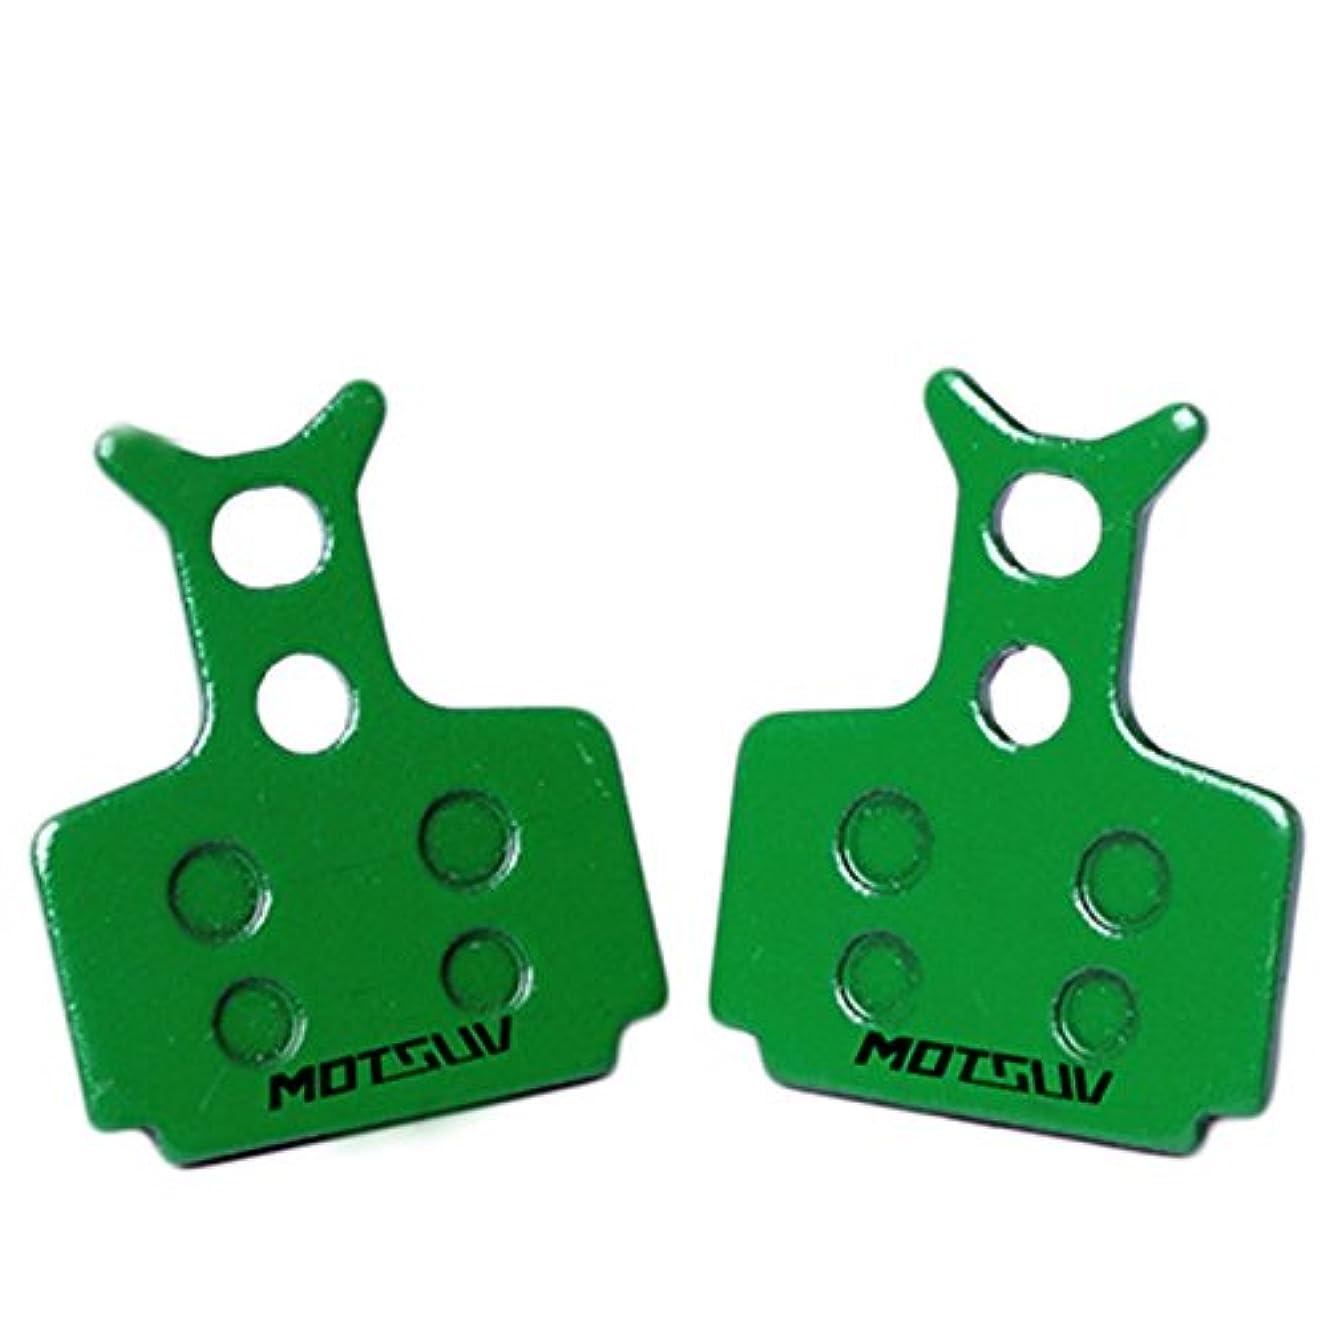 要旨免疫分子Propenary - 油圧ディスクブレーキFORMULA / R1 / RX/ONEセラミックディスクブレーキパッド自転車部品の自転車セラミックディスクブレーキパッド